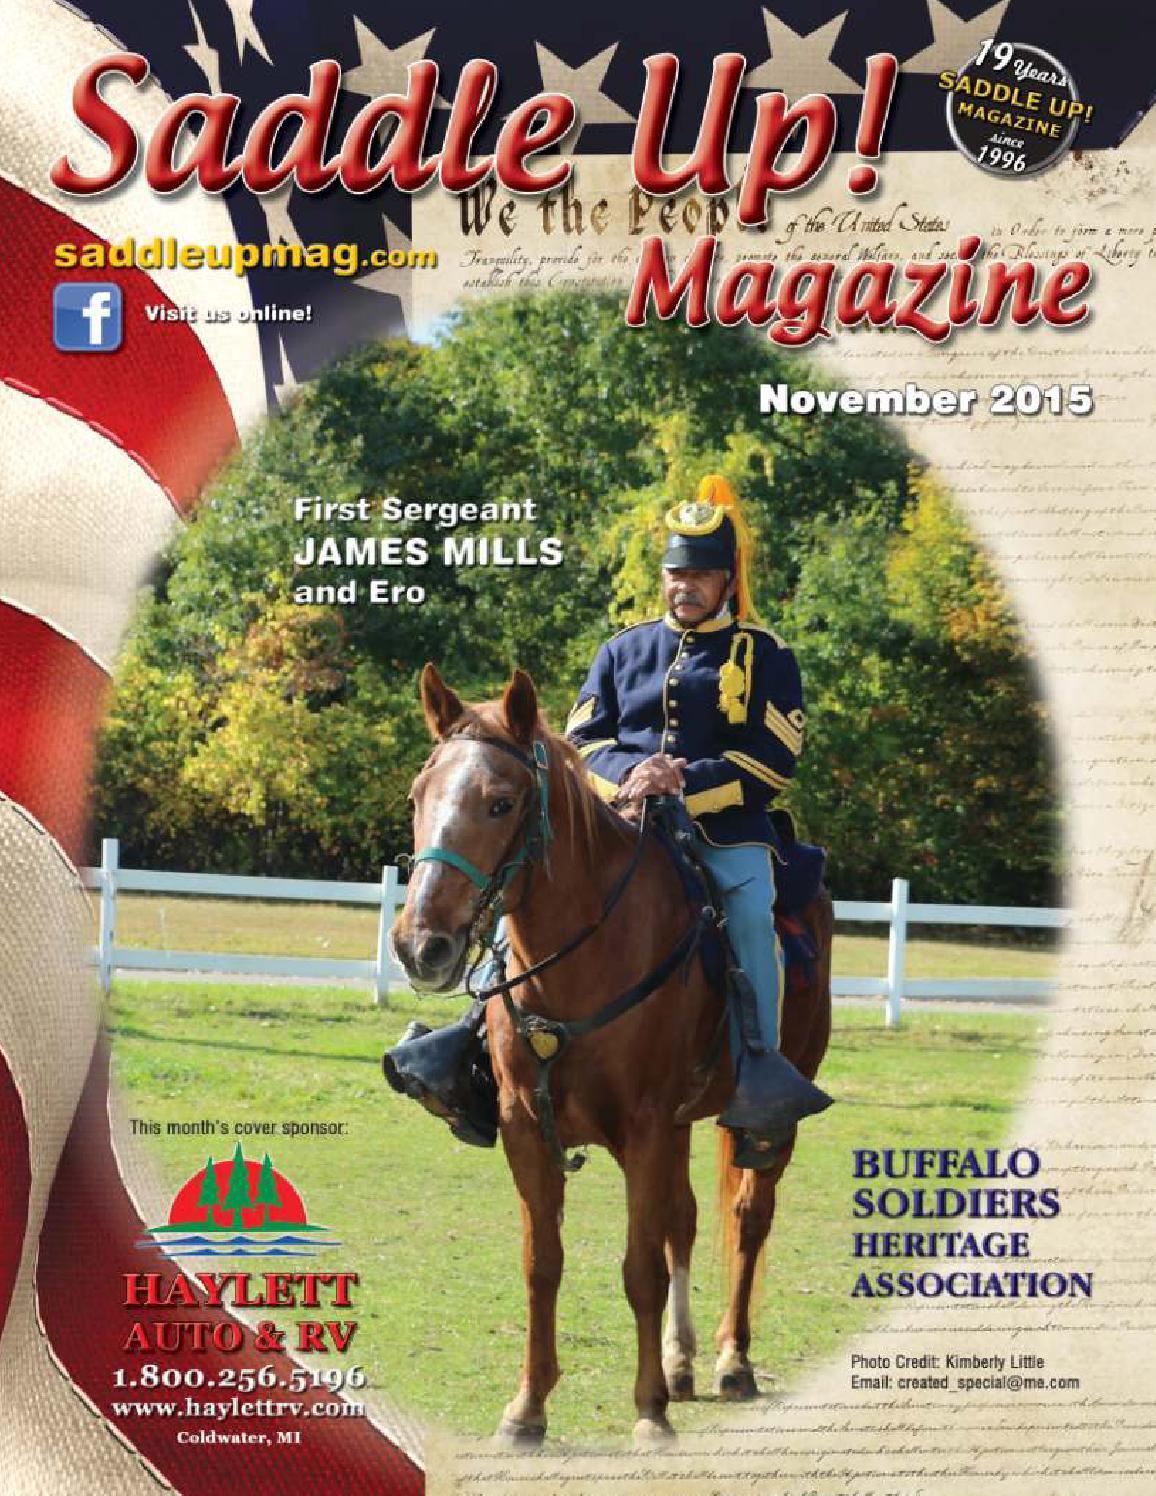 Saddle Up Dec 2010 by Saddle Up magazine - Issuu